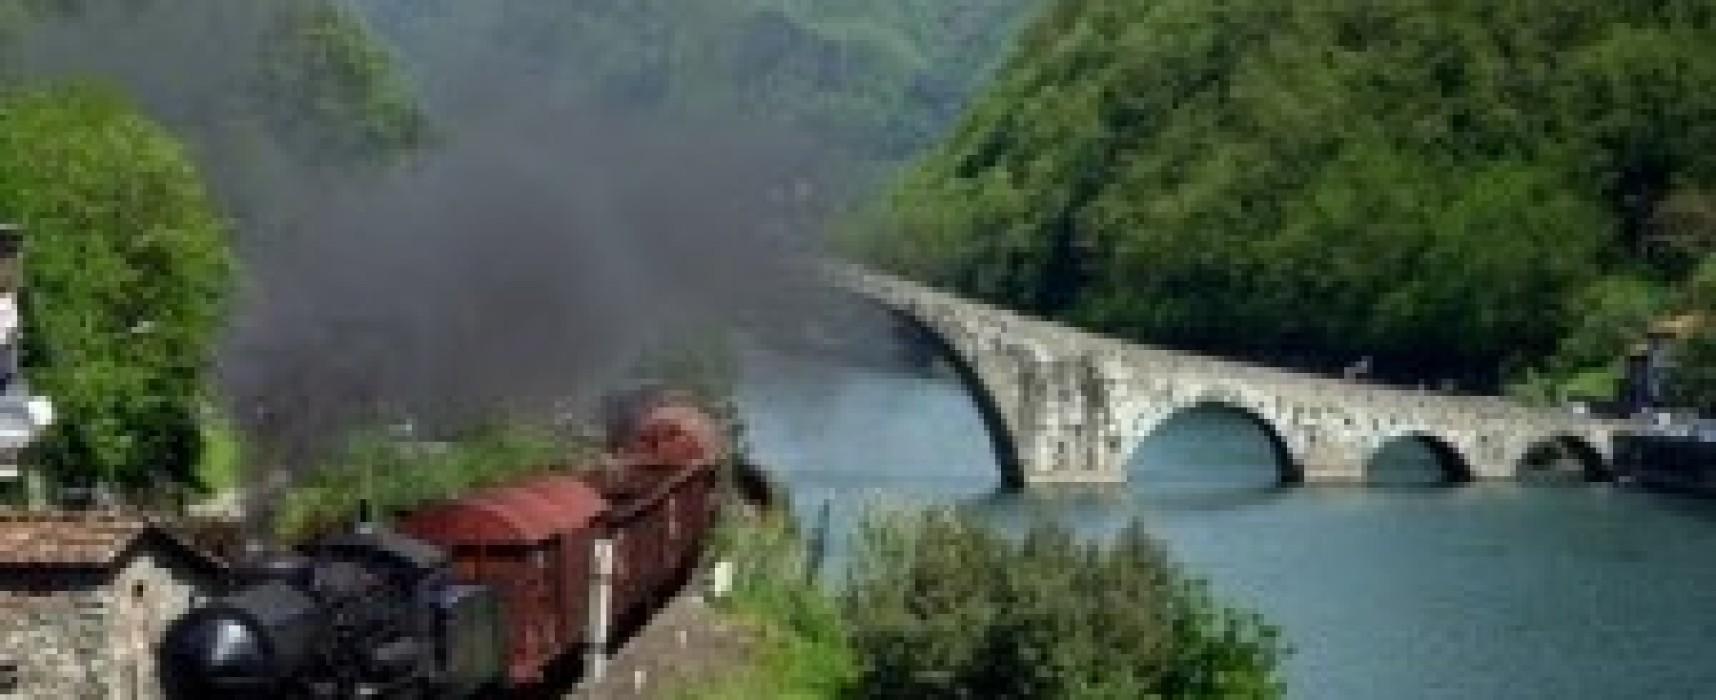 Approvato  il Piano di Emergenza Esterna della galleria Lupacino (linea ferroviaria Lucca – Aulla).